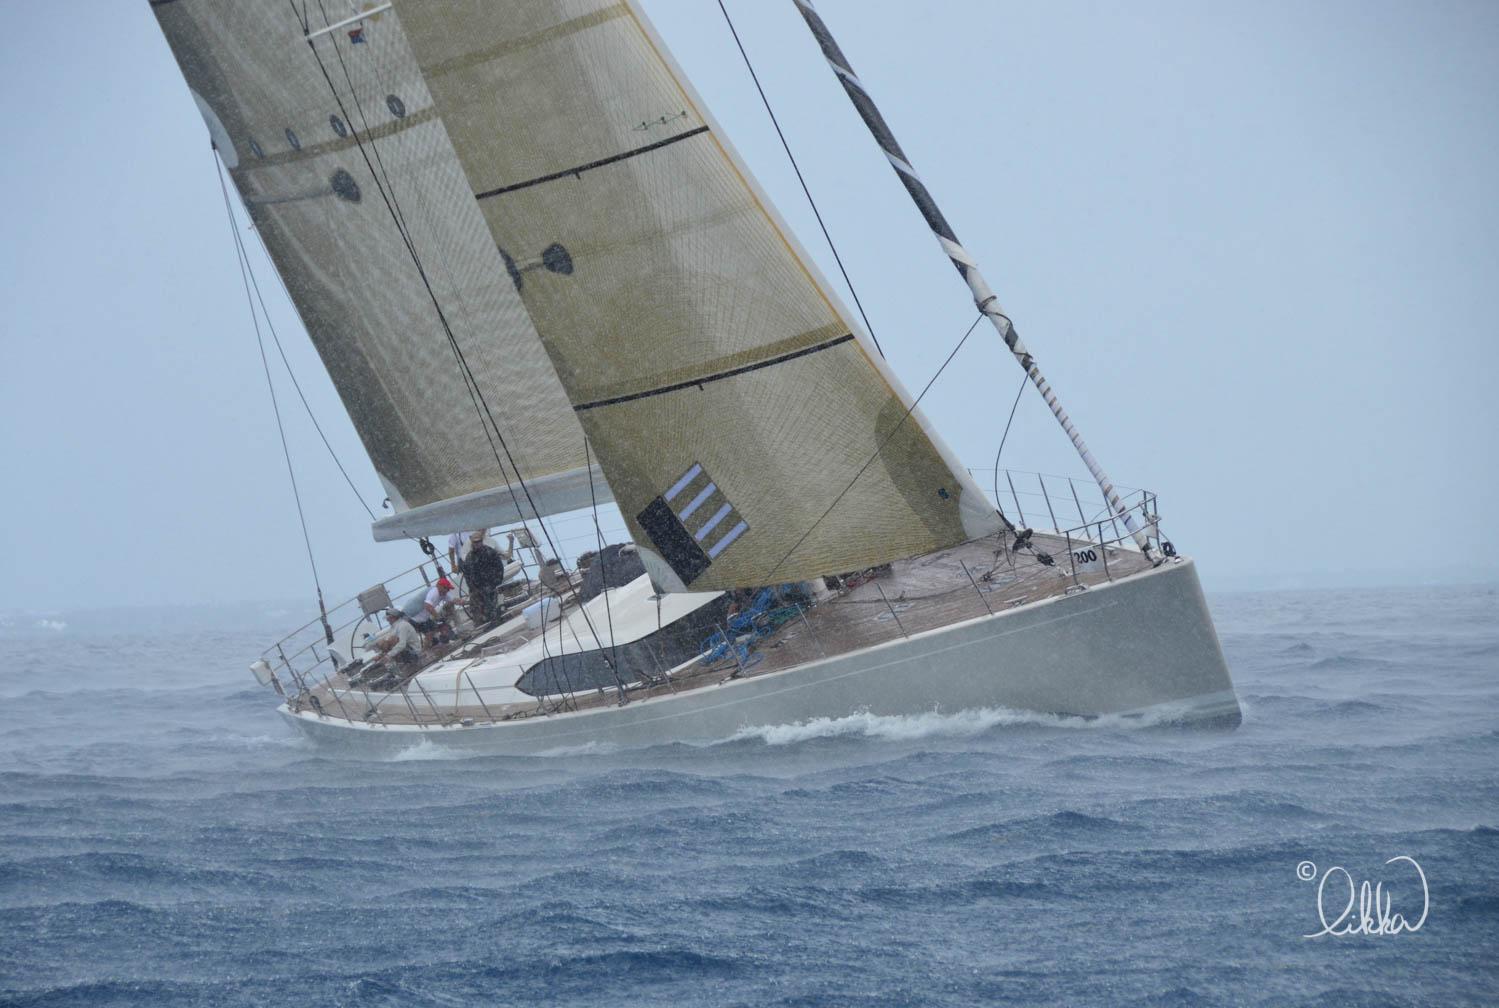 regatta-likka-44.jpg